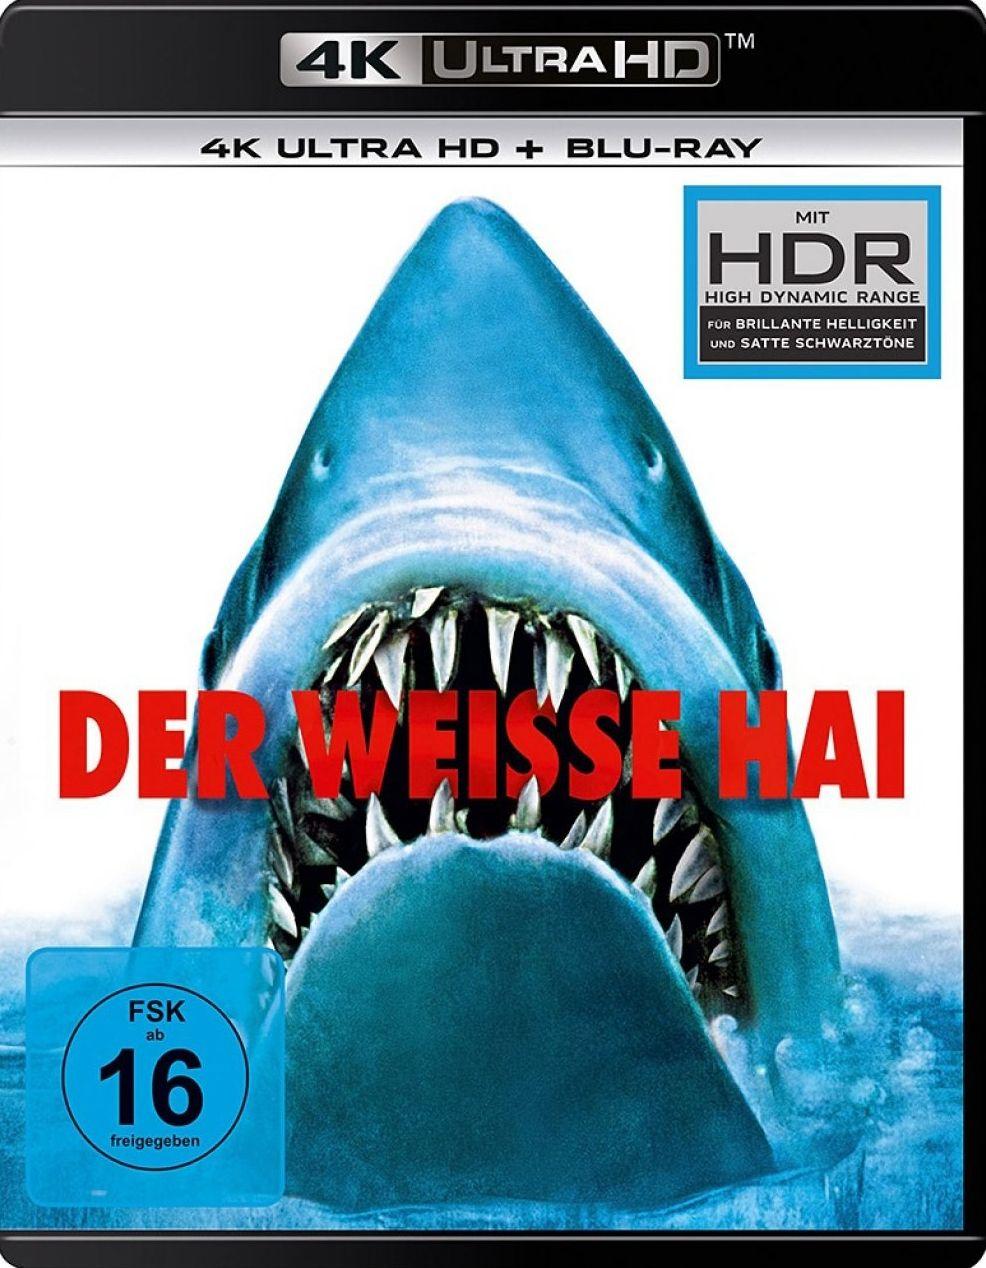 Weiße Hai, Der (2 Discs) (UHD BLURAY + BLURAY)